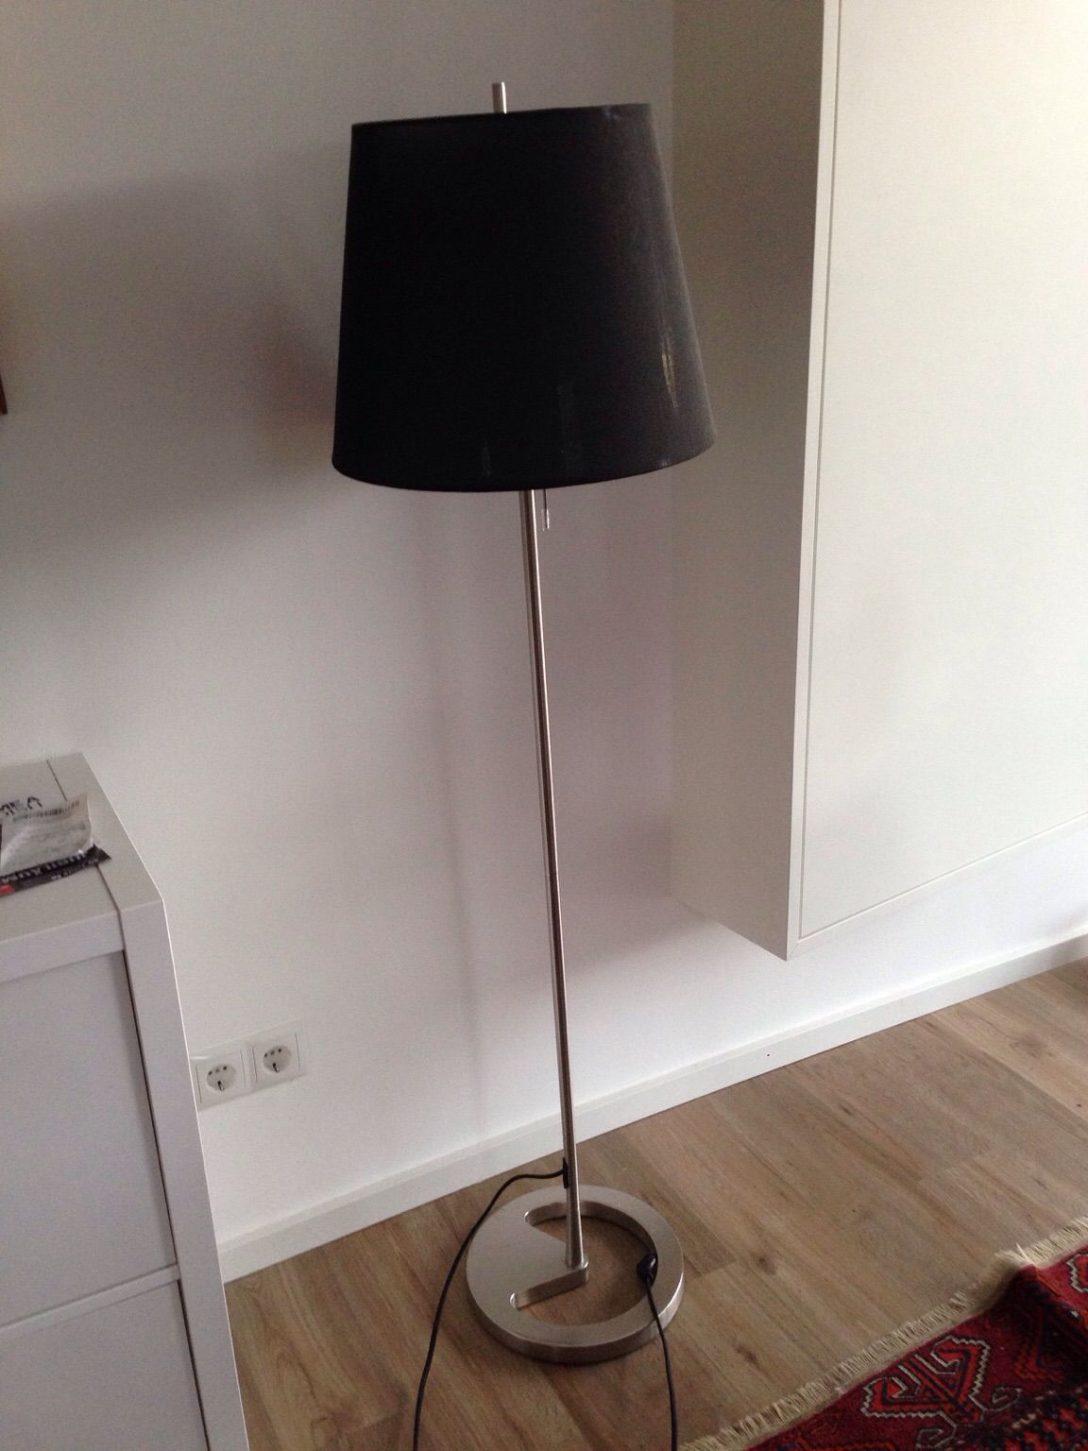 Full Size of Ikea Bogenlampe Stehlampen Dimmbar Led Stehlampe Lampenschirm Wohnzimmer Sofa Mit Schlaffunktion Küche Kaufen Betten Bei Miniküche Kosten 160x200 Esstisch Wohnzimmer Ikea Bogenlampe